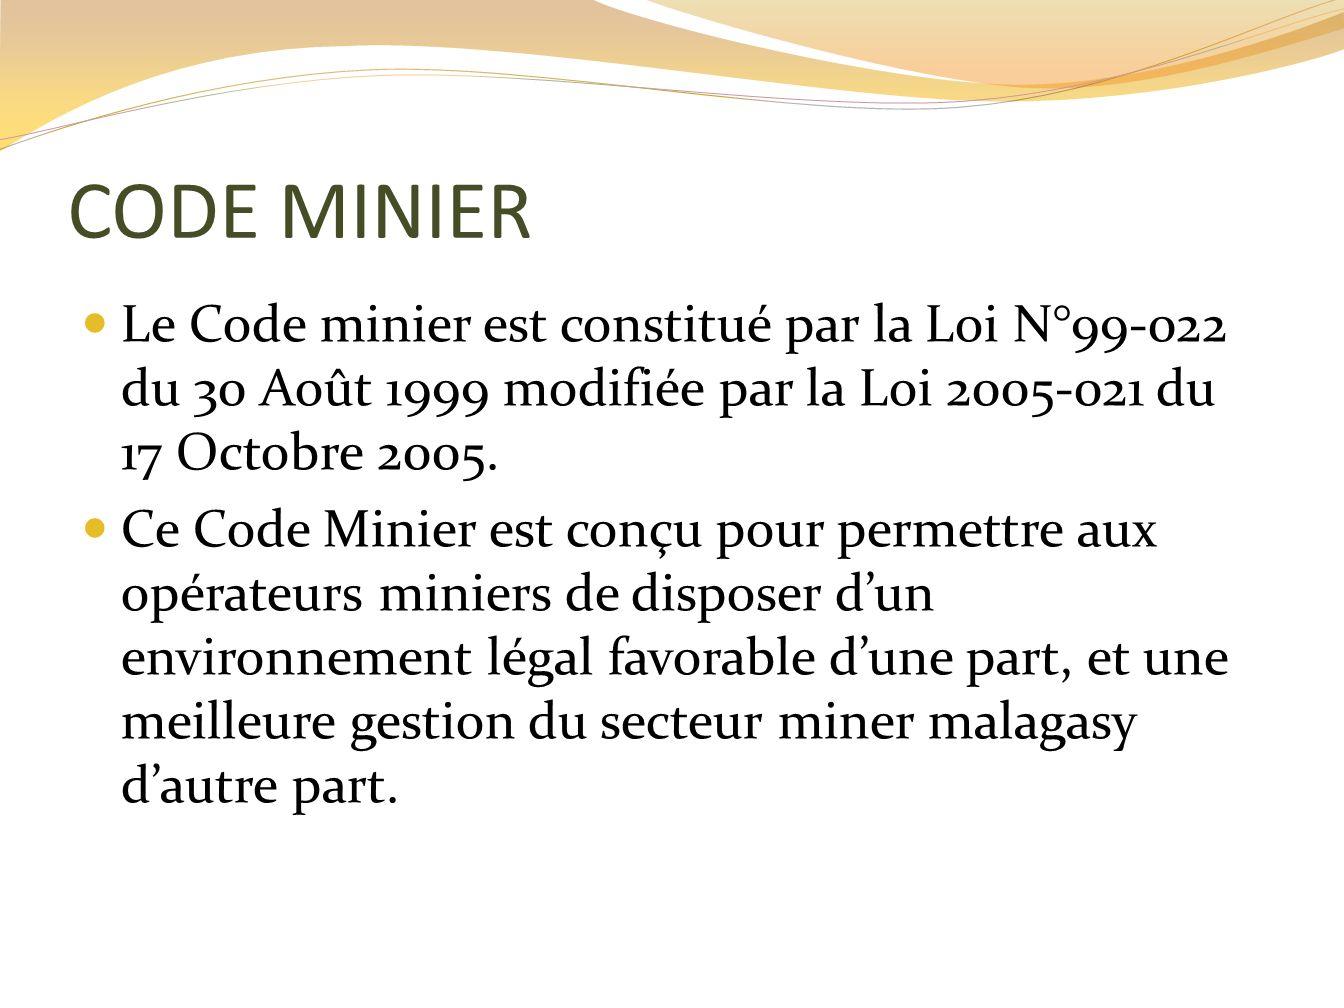 CODE MINIER Le Code minier est constitué par la Loi N°99-022 du 30 Août 1999 modifiée par la Loi 2005-021 du 17 Octobre 2005. Ce Code Minier est conçu